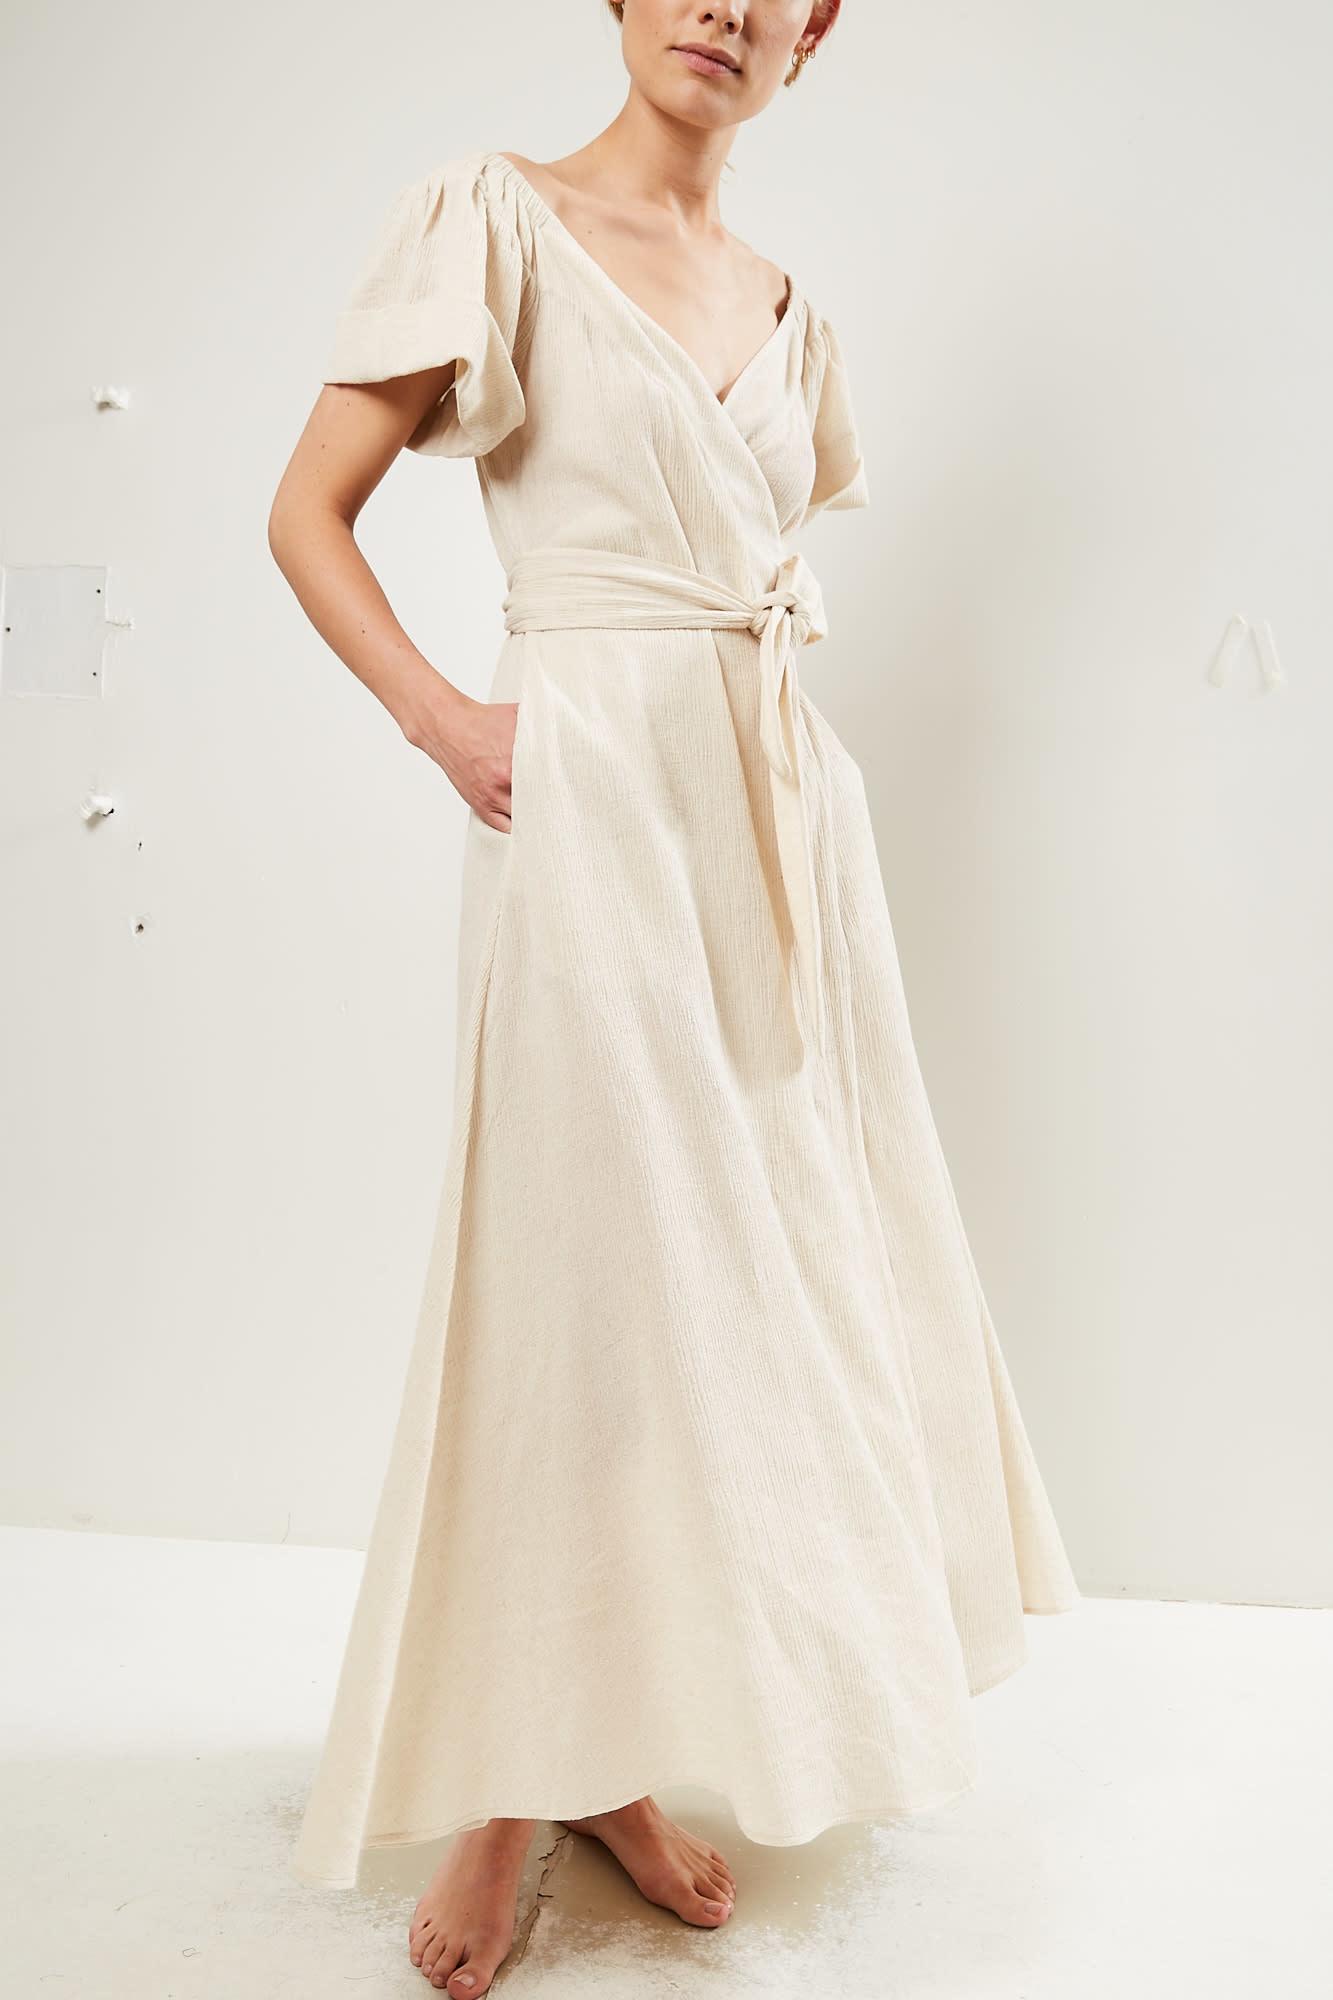 Mara Hoffman Adalina organic linen cotton dress